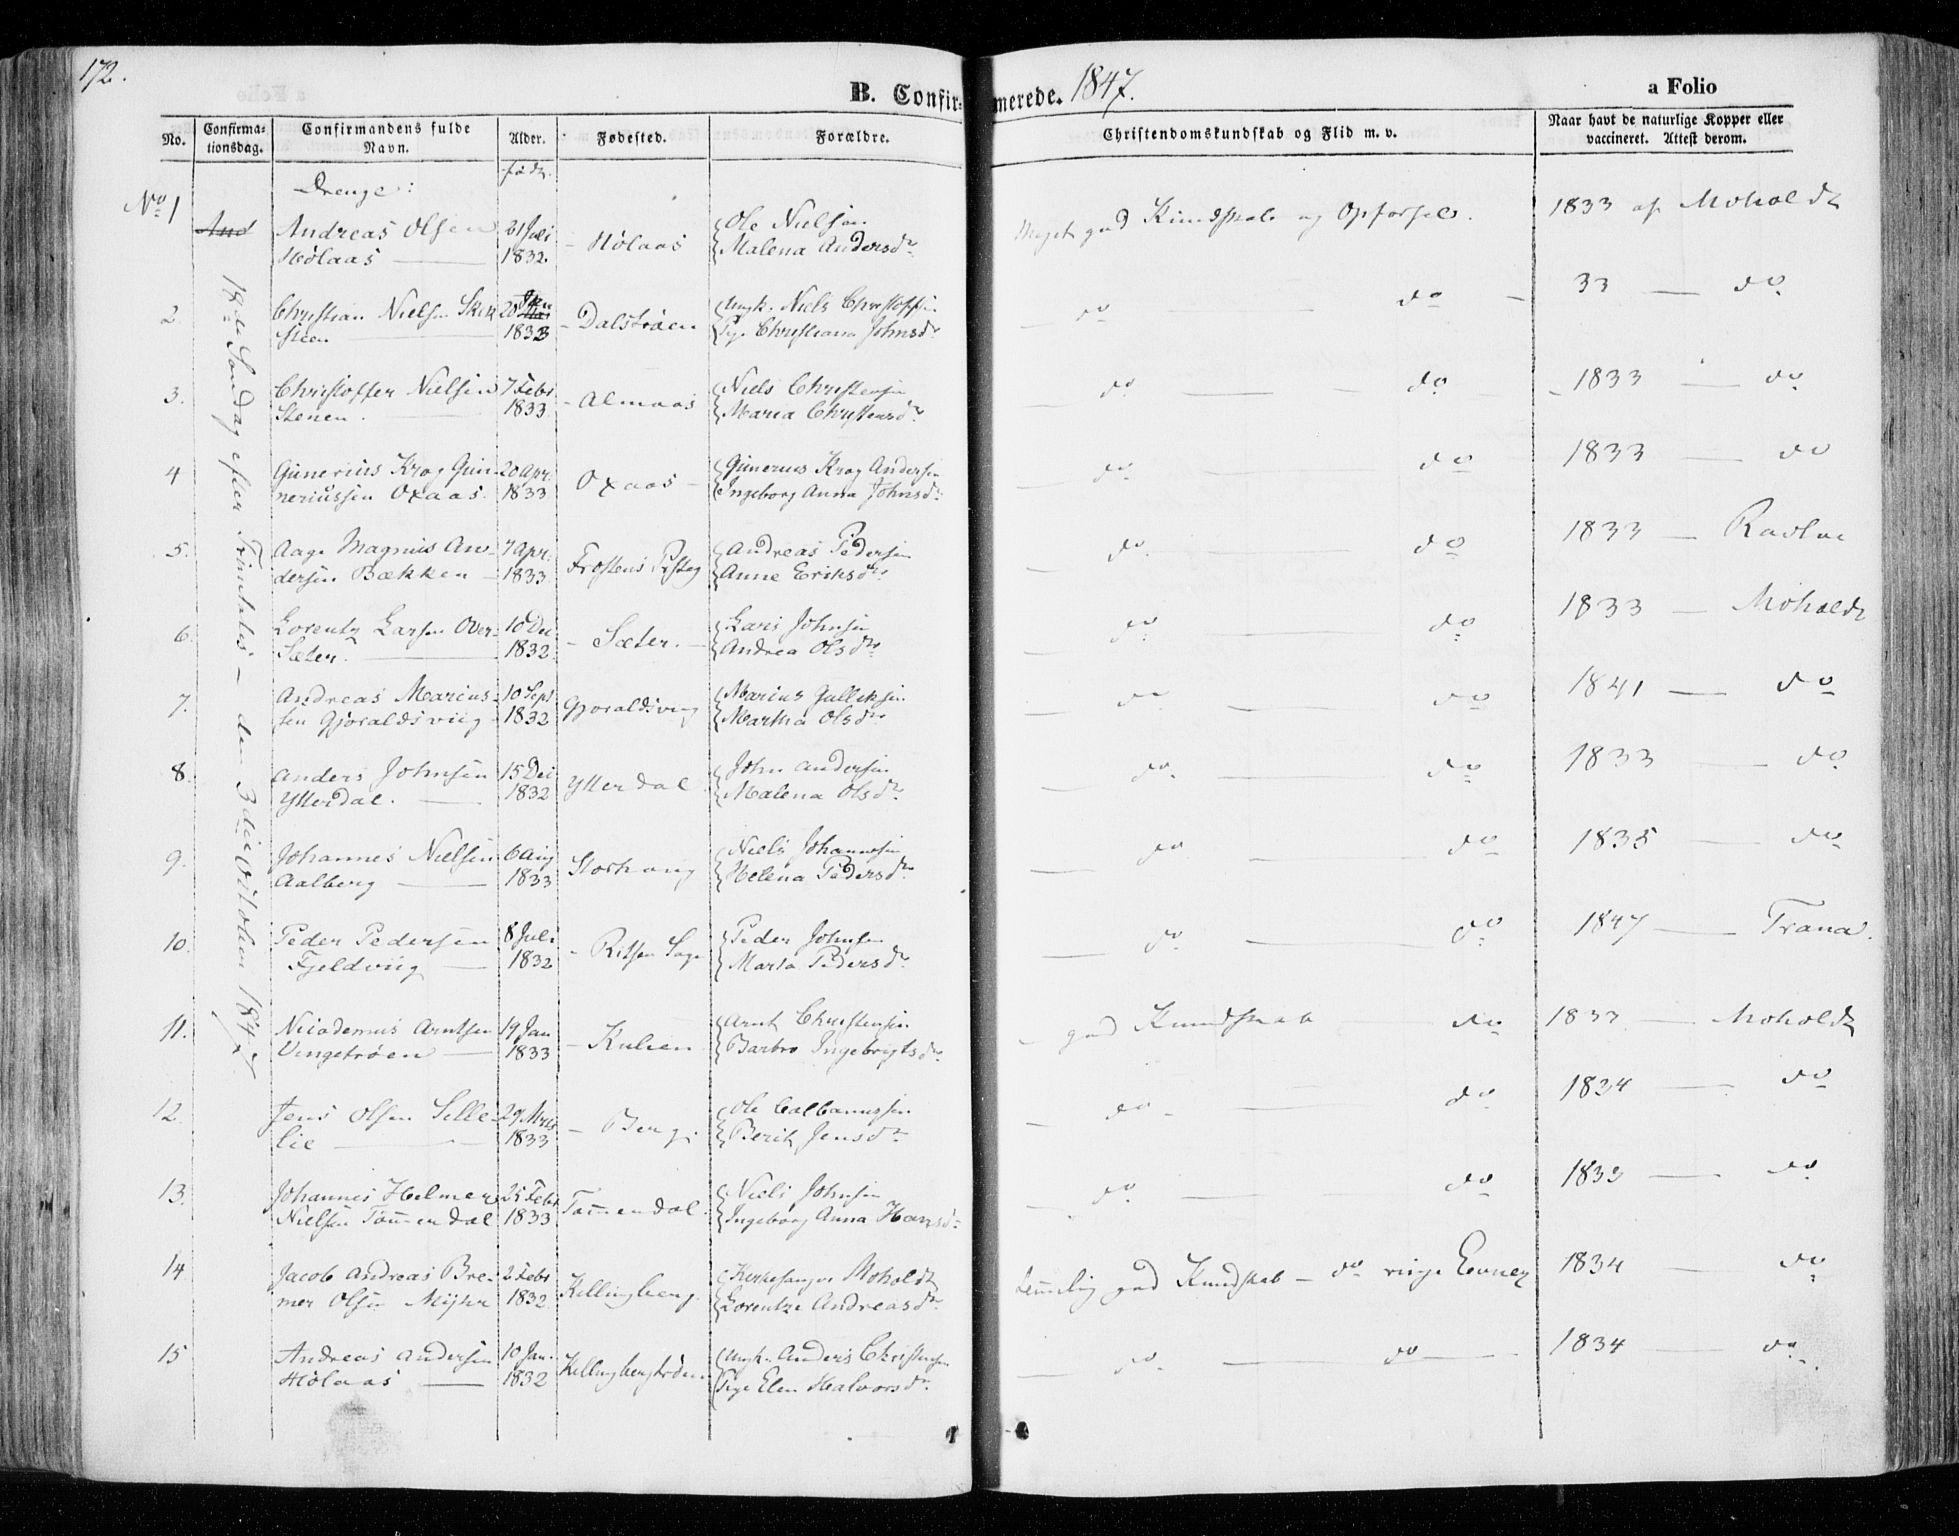 SAT, Ministerialprotokoller, klokkerbøker og fødselsregistre - Nord-Trøndelag, 701/L0007: Ministerialbok nr. 701A07 /1, 1842-1854, s. 172